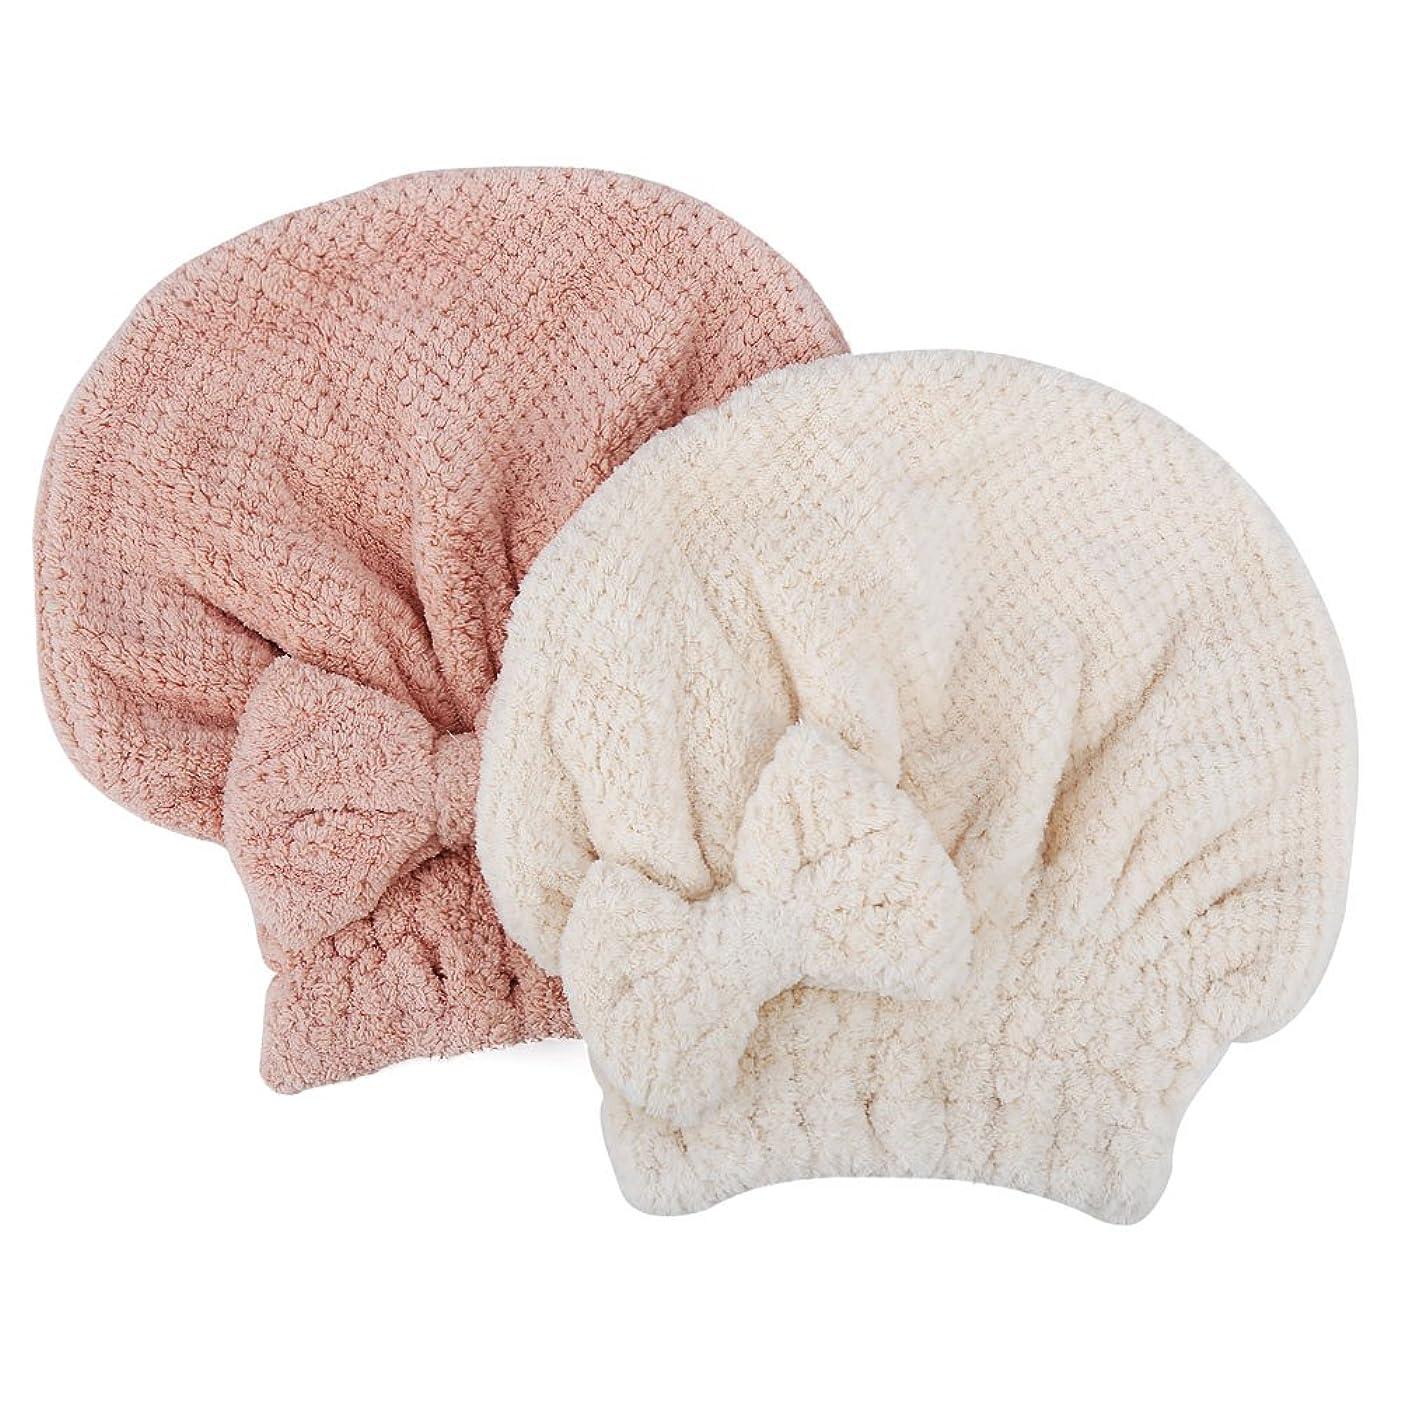 直感どれでも副産物KISENG タオルキャップ 2枚セット ヘアドライタオル 短髪の人向き ヘアキャップ 吸水タオル 速乾 ふわふわ お風呂 バス用品 (ピンク+ホワイト)